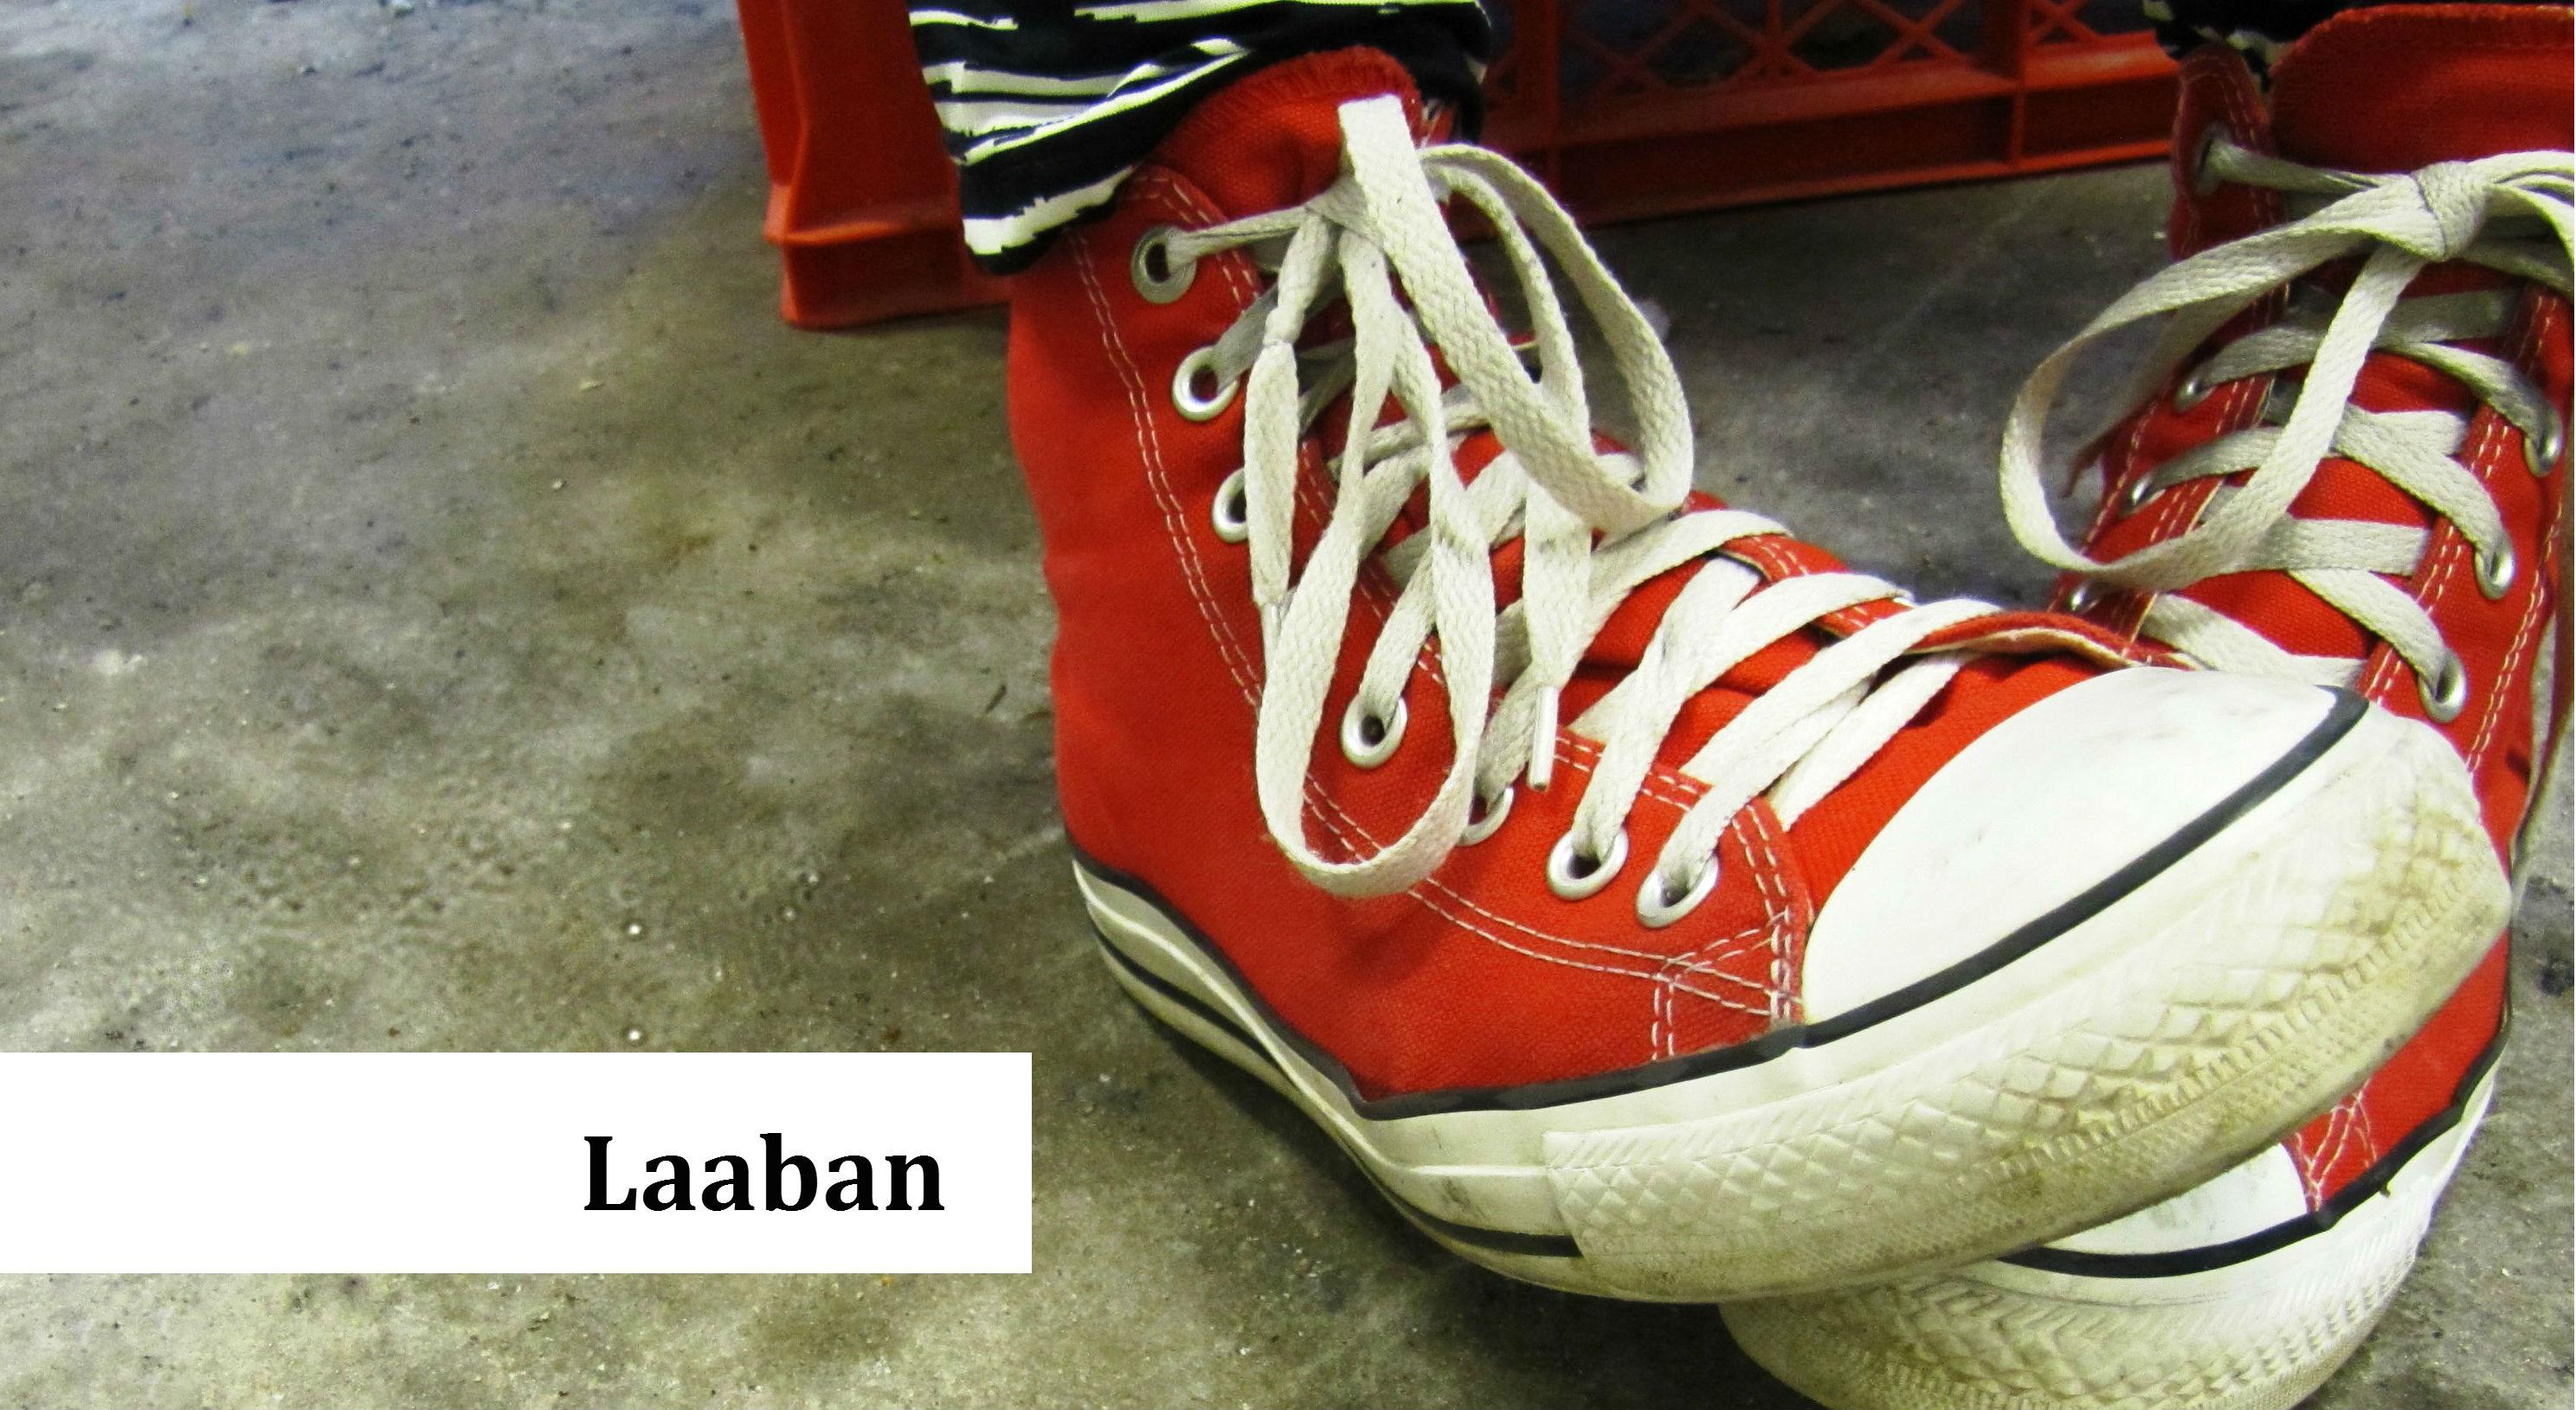 Laaban